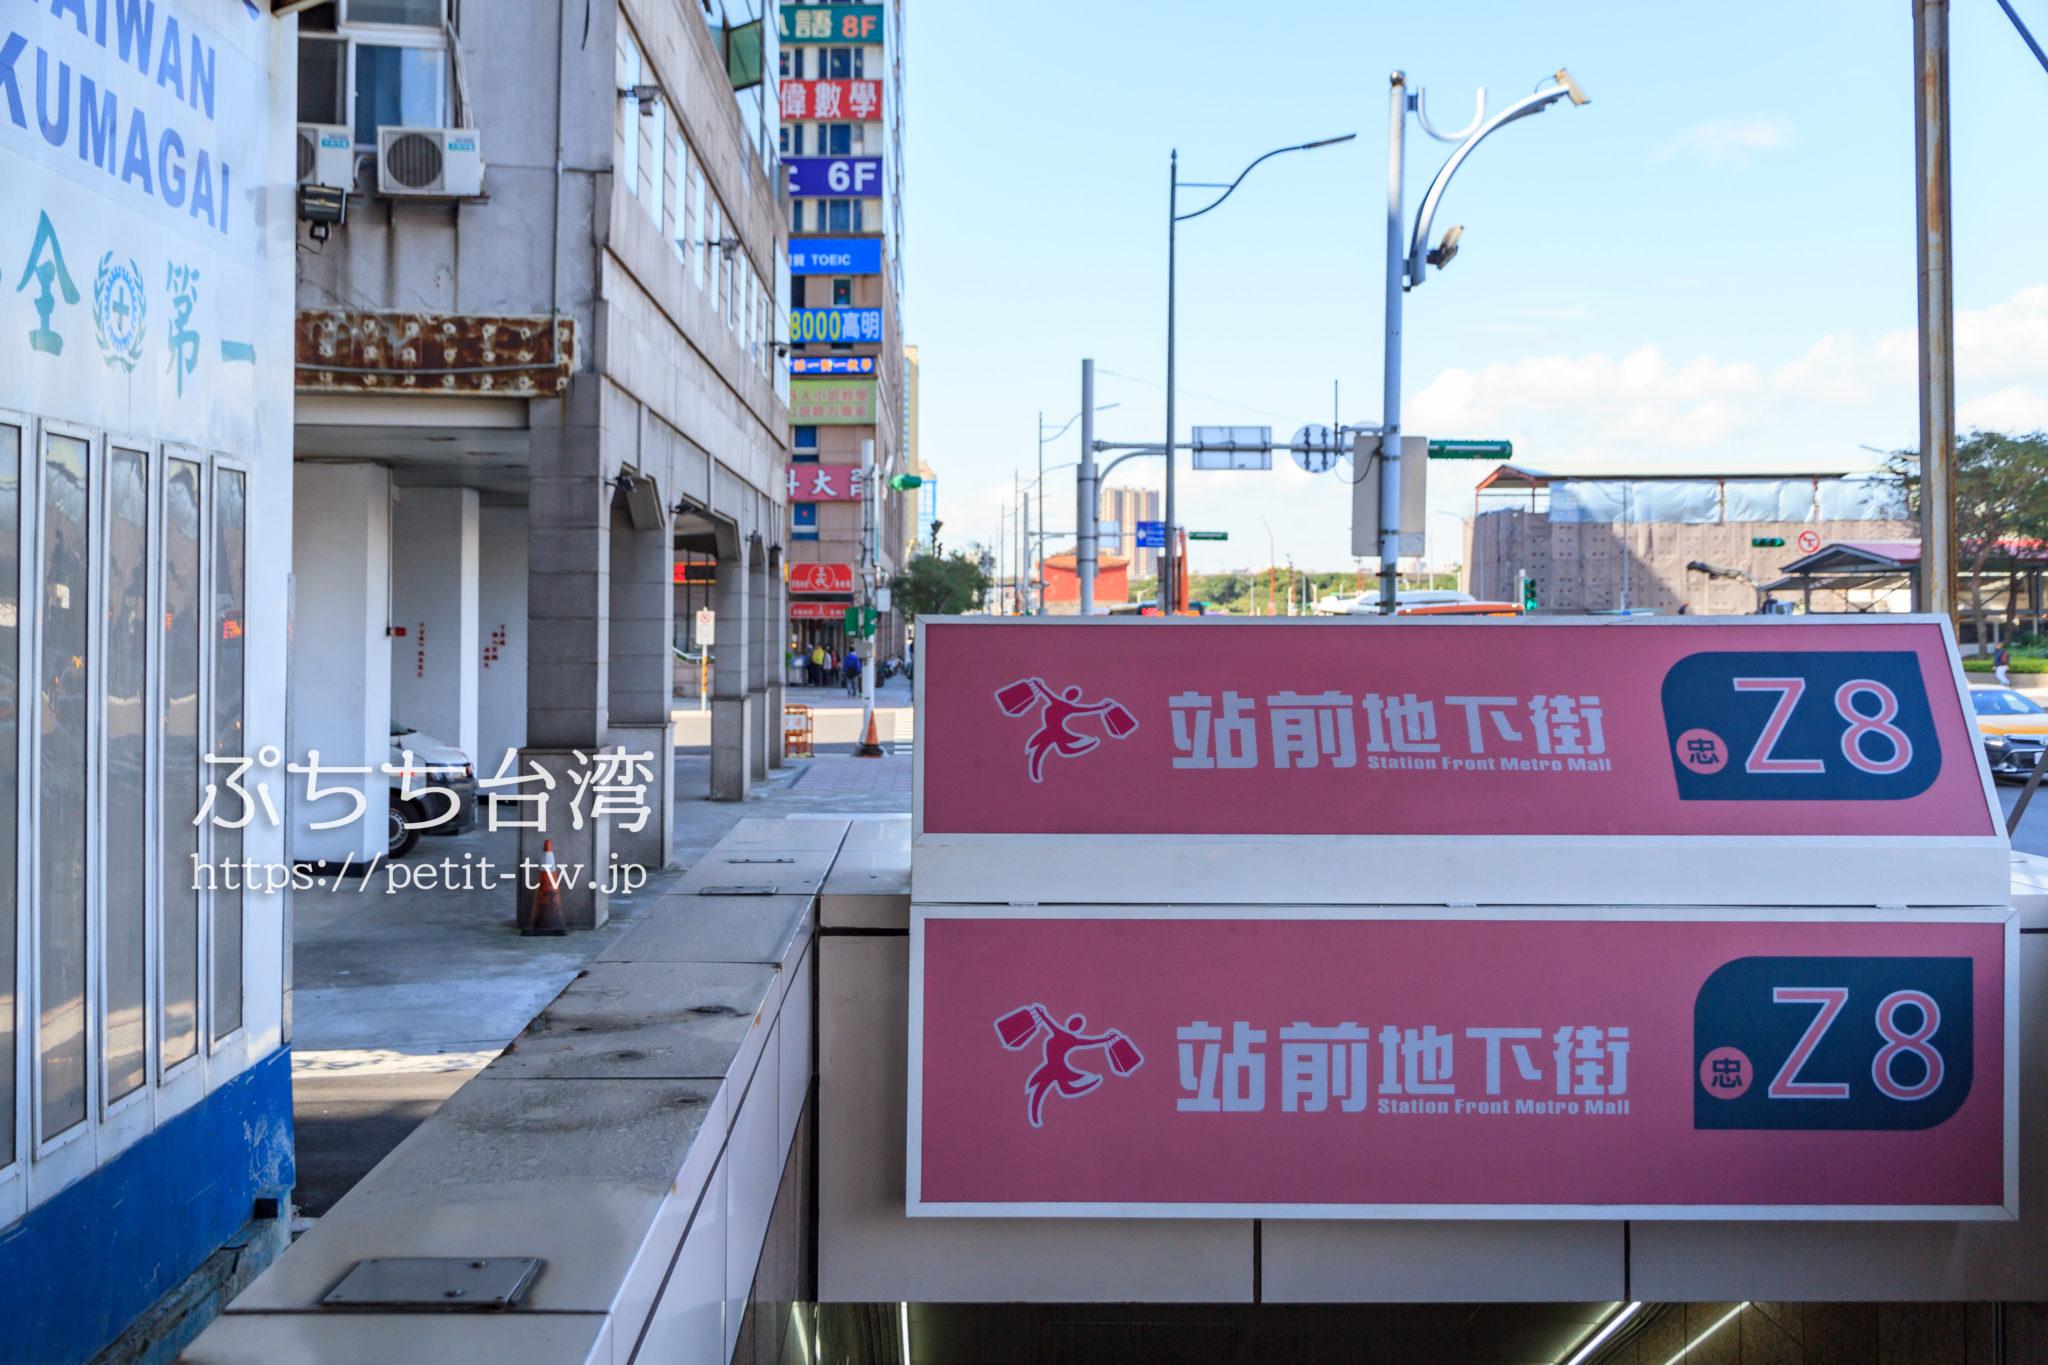 ブティシティカプセルイン台北の地下鉄最寄出口Z8